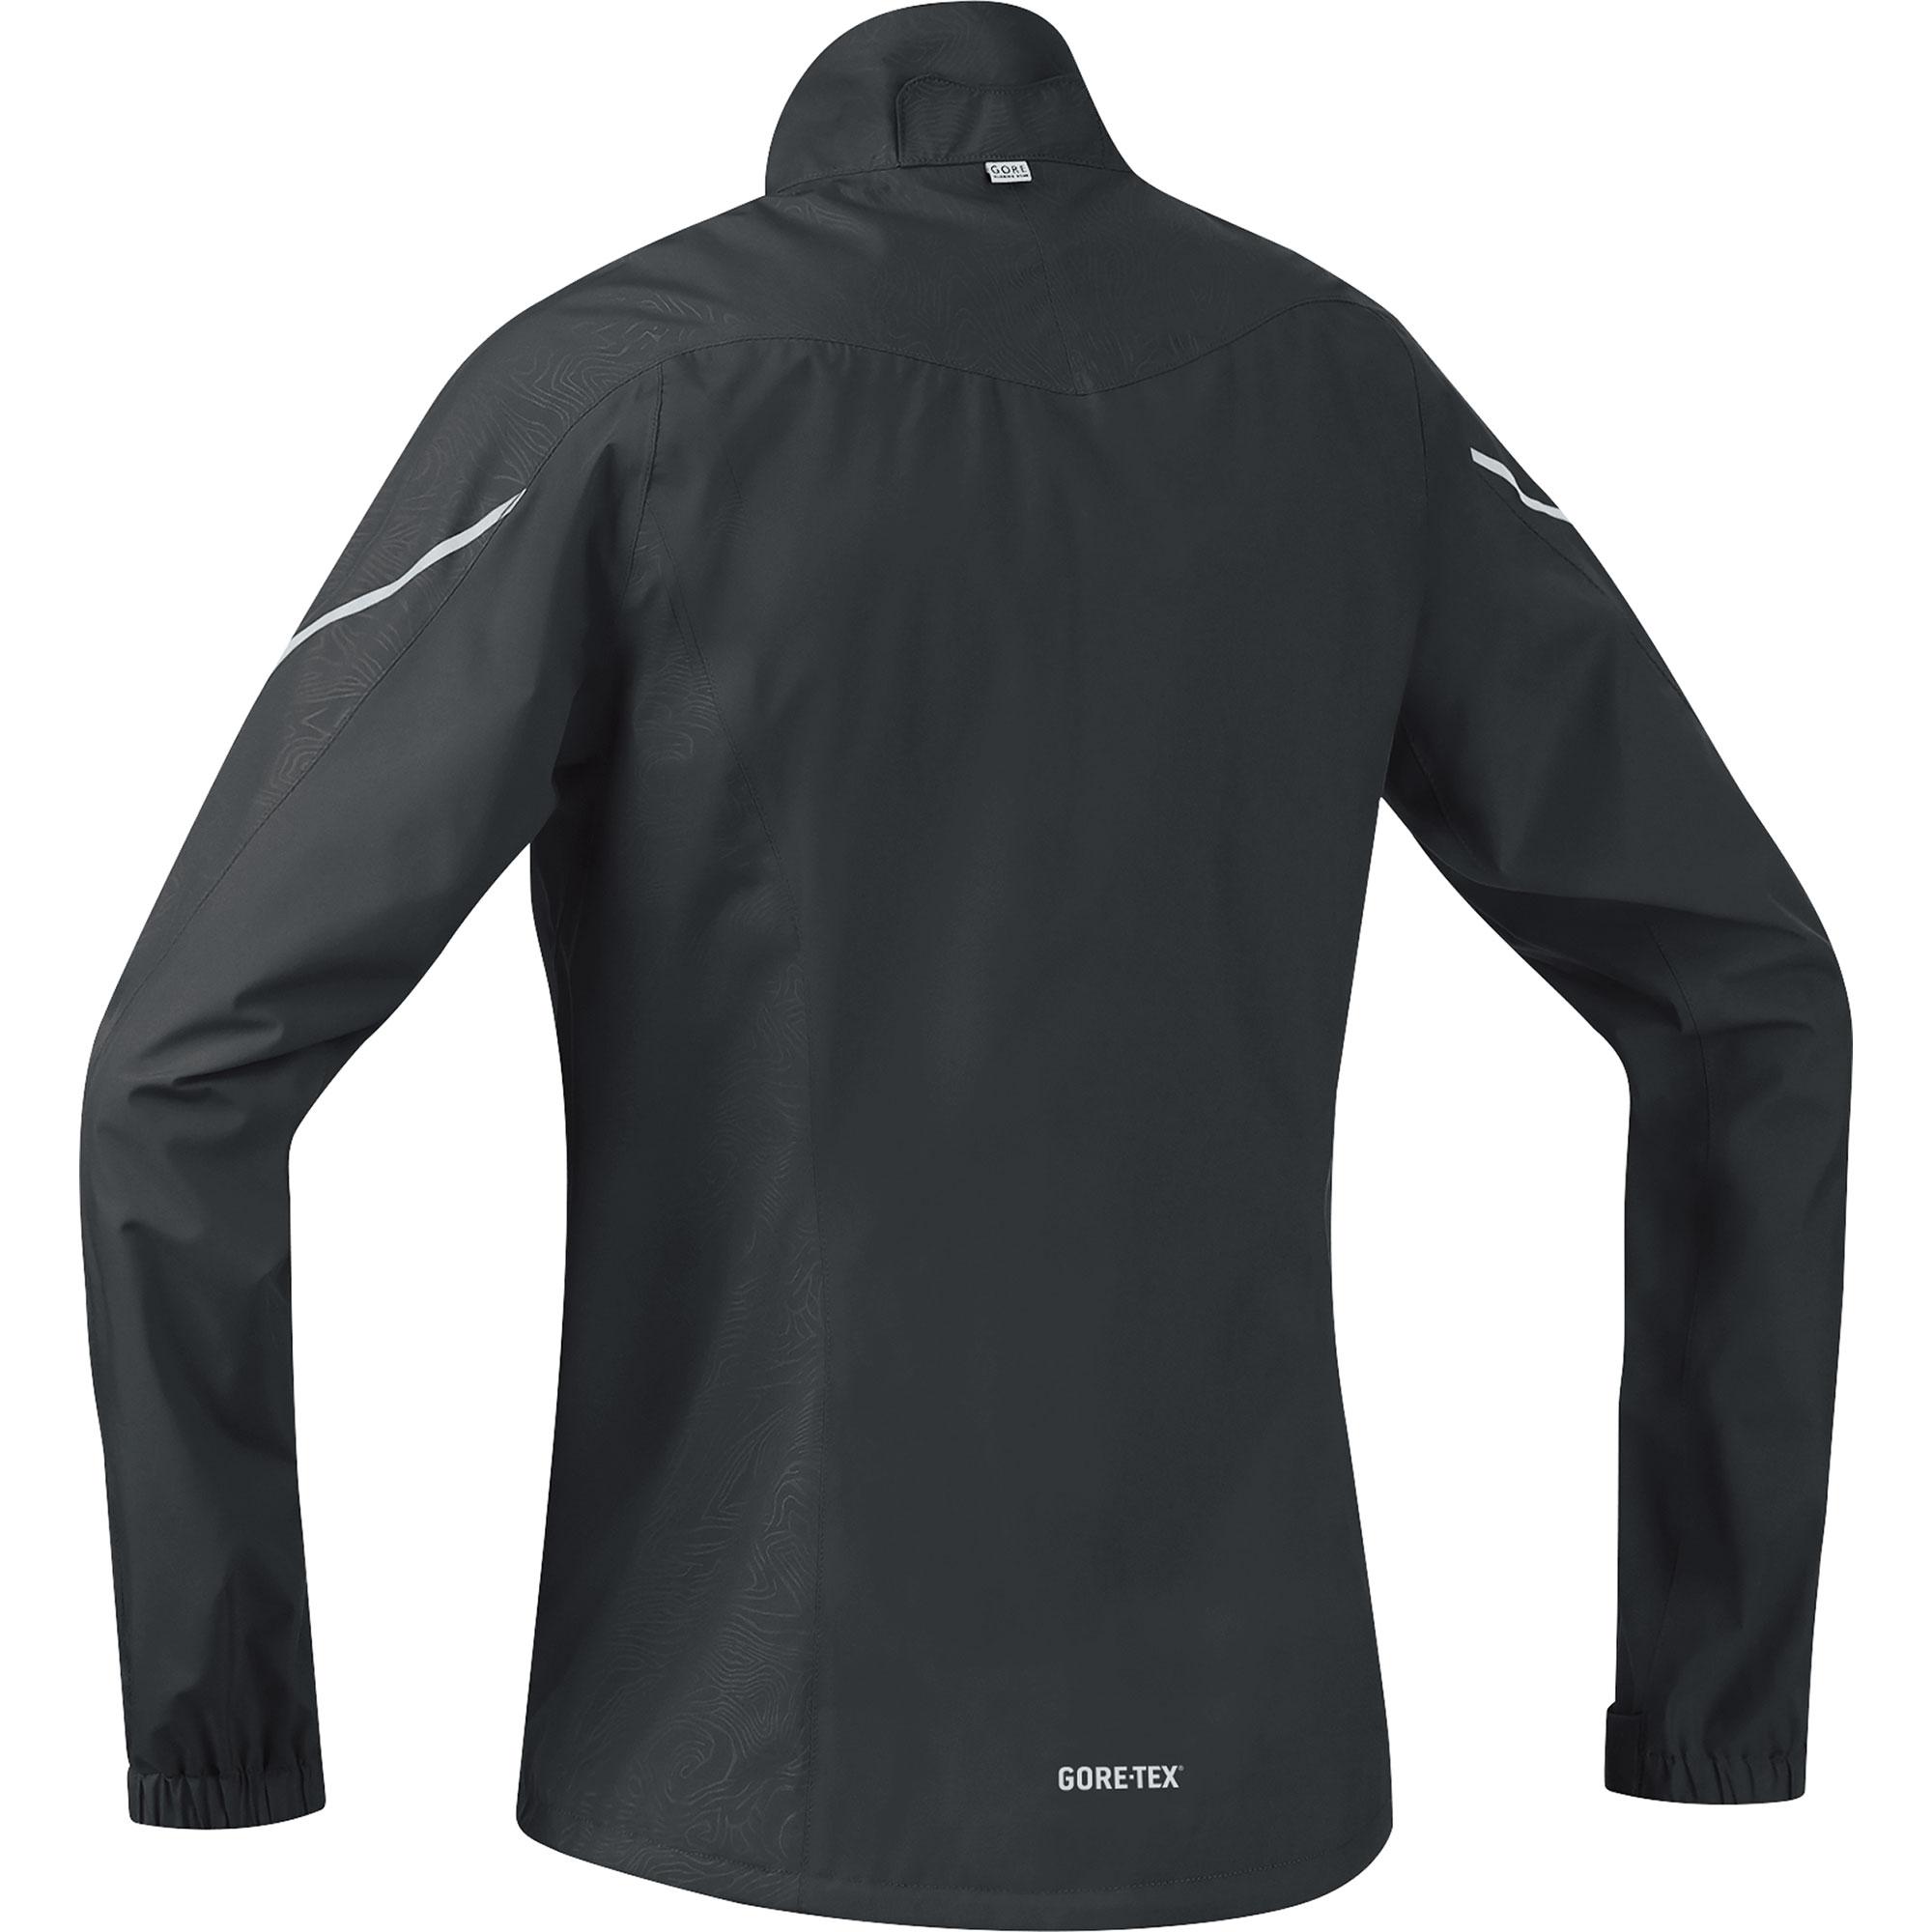 куртка Gore /tex Gore Essential Gore-Tex Lady Jacket Полиэстер Gore-Tex